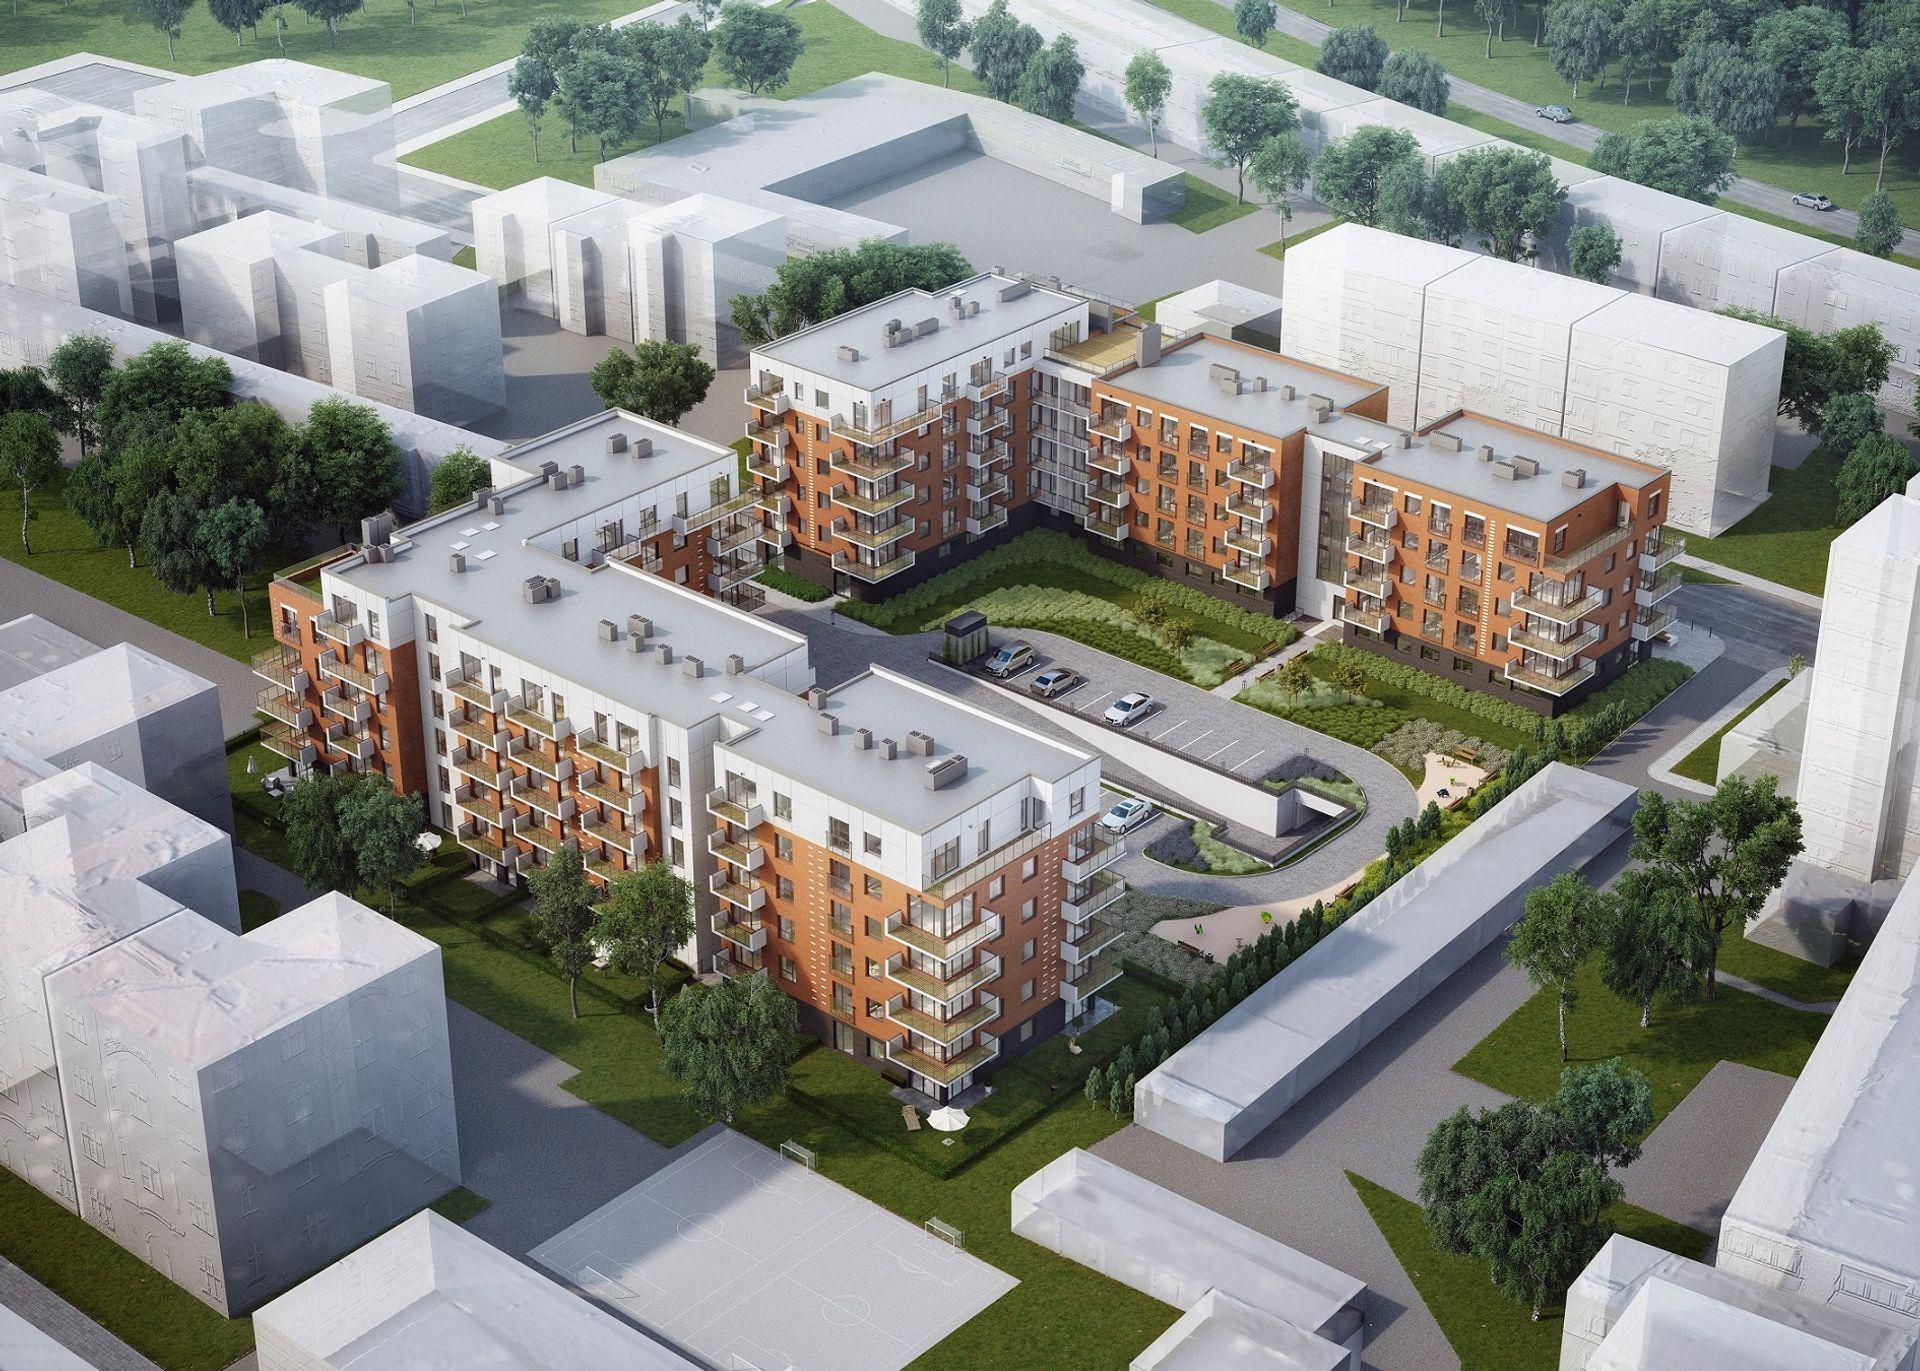 [Gdańsk] ATAL wchodzi do Trójmiasta. Wybuduje apartamenty [WIZUALIZACJE]